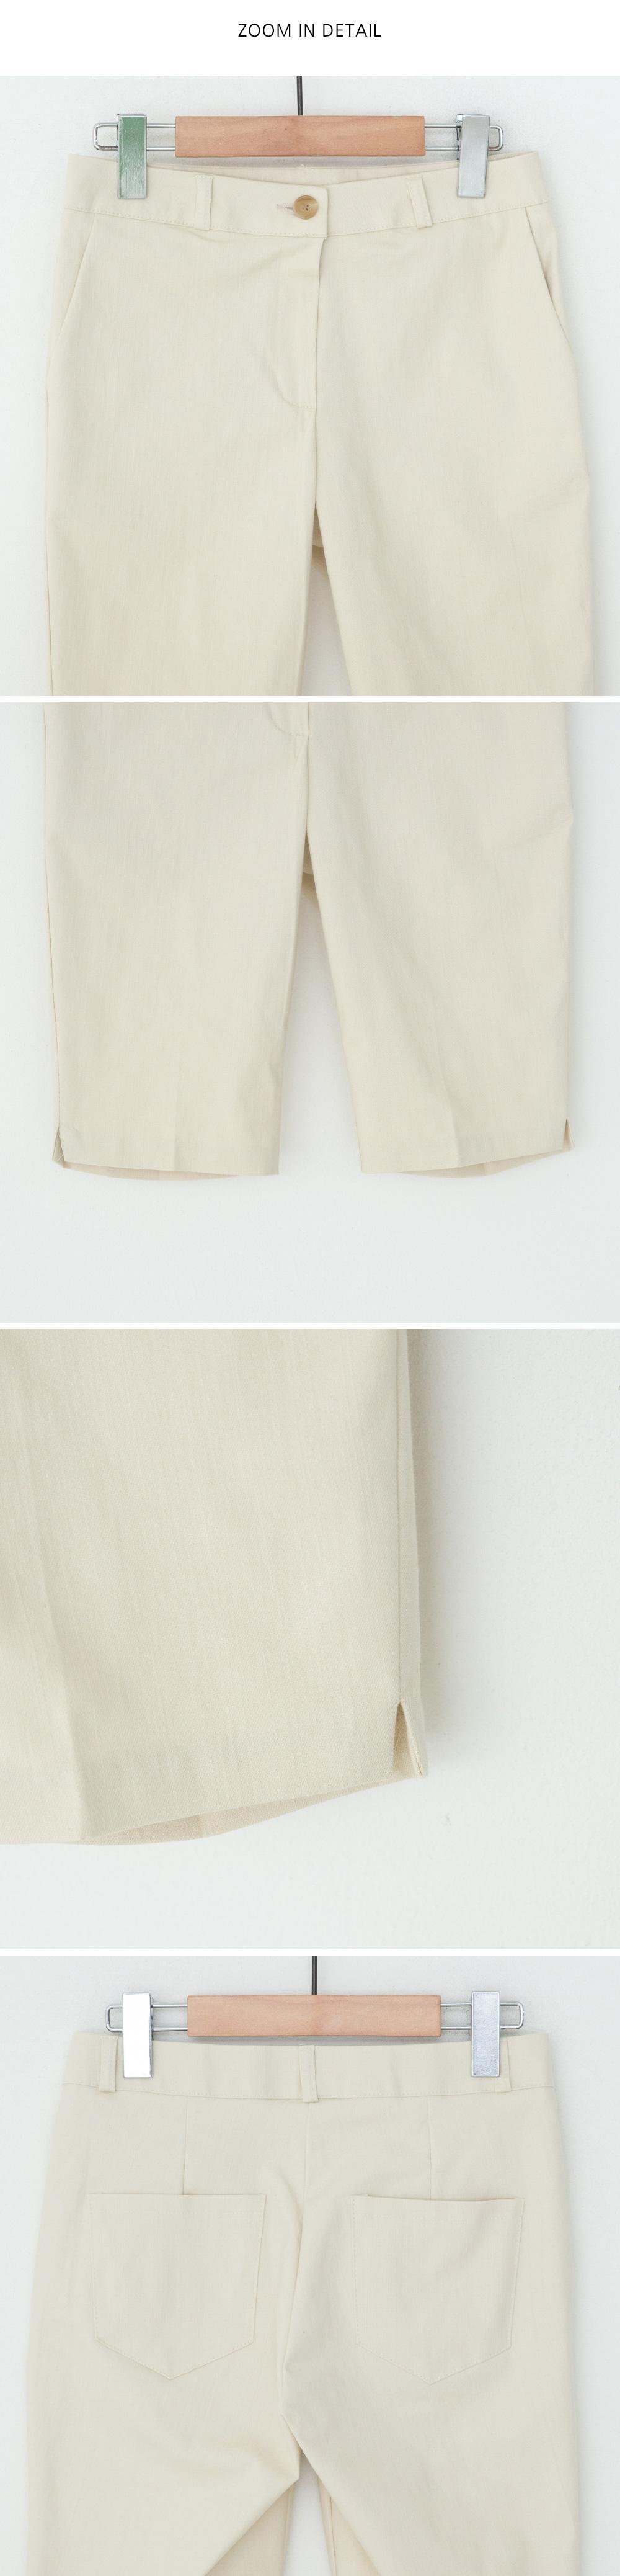 Woods Slim Fit 5 Pants